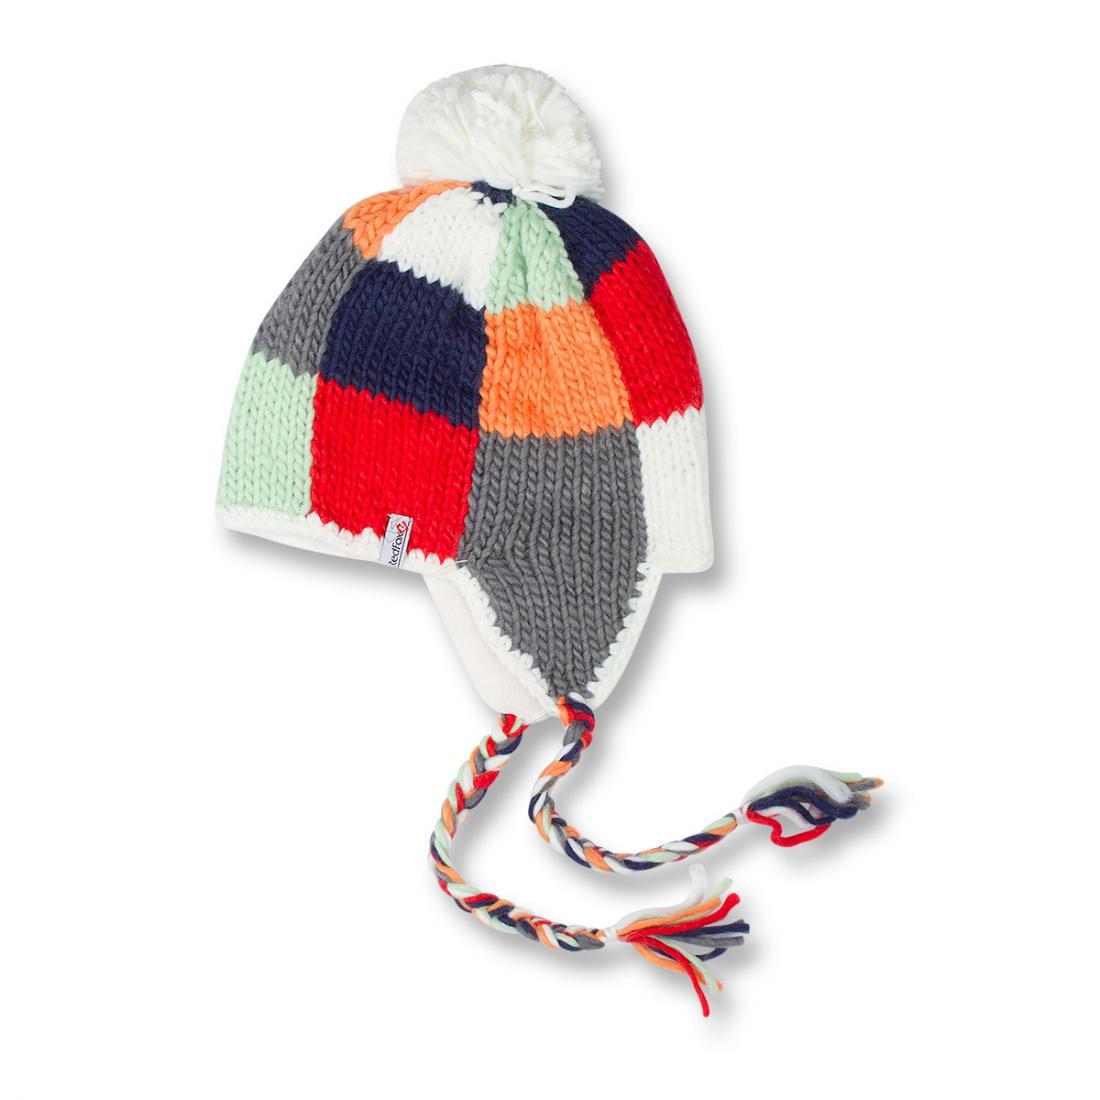 Шапка Polyline IIШапки<br>Модна шапка с теплой флисовой вставкой дл защиты ушей.<br><br><br>Материал: 100% акрил<br><br>Размерный рд: one size<br><br>Цвет: Оранжевый<br>Размер: None